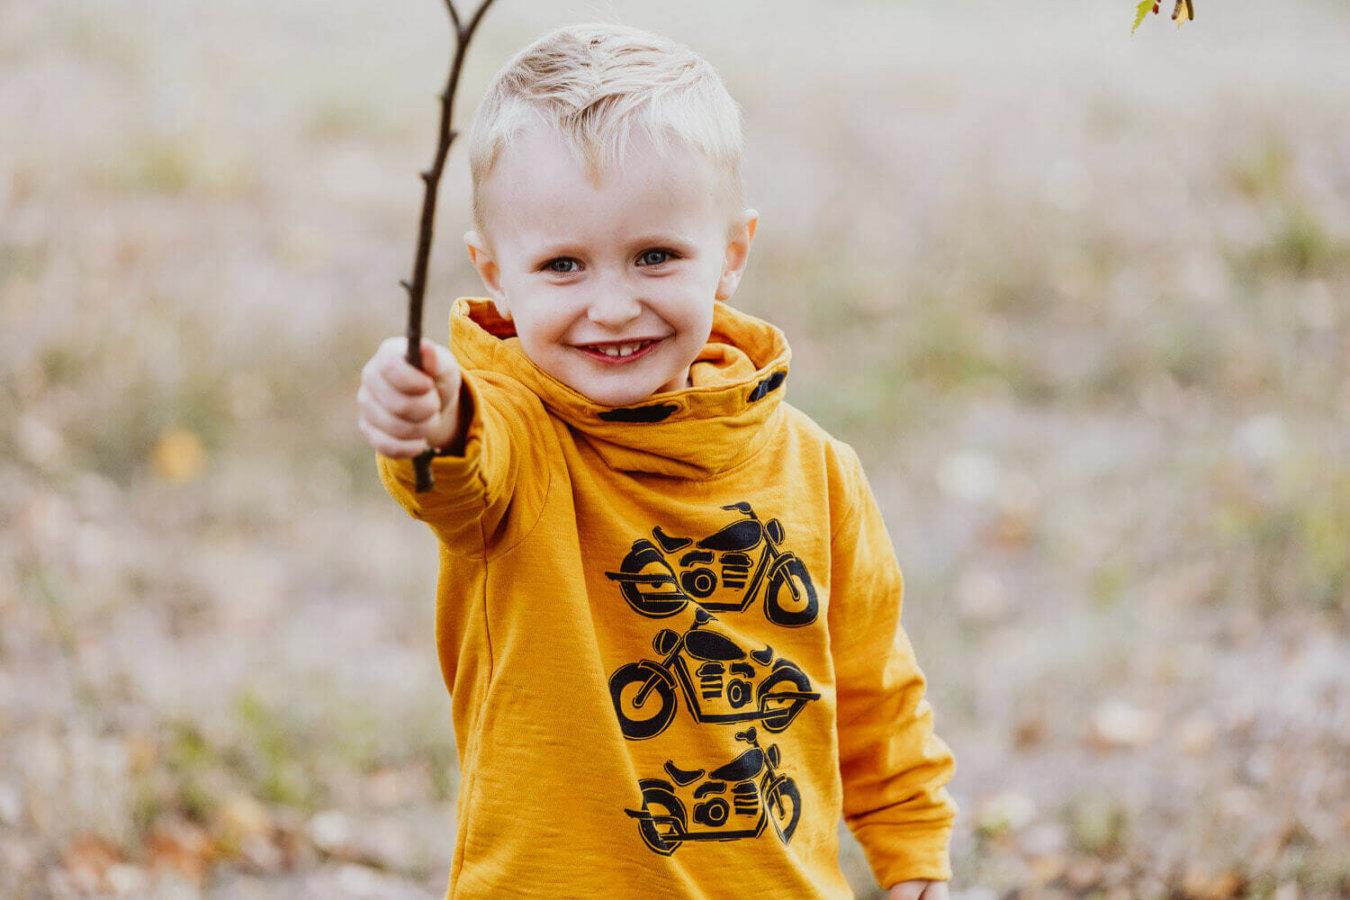 Kita Fotoshooting mit lachendem Jungen im Freien